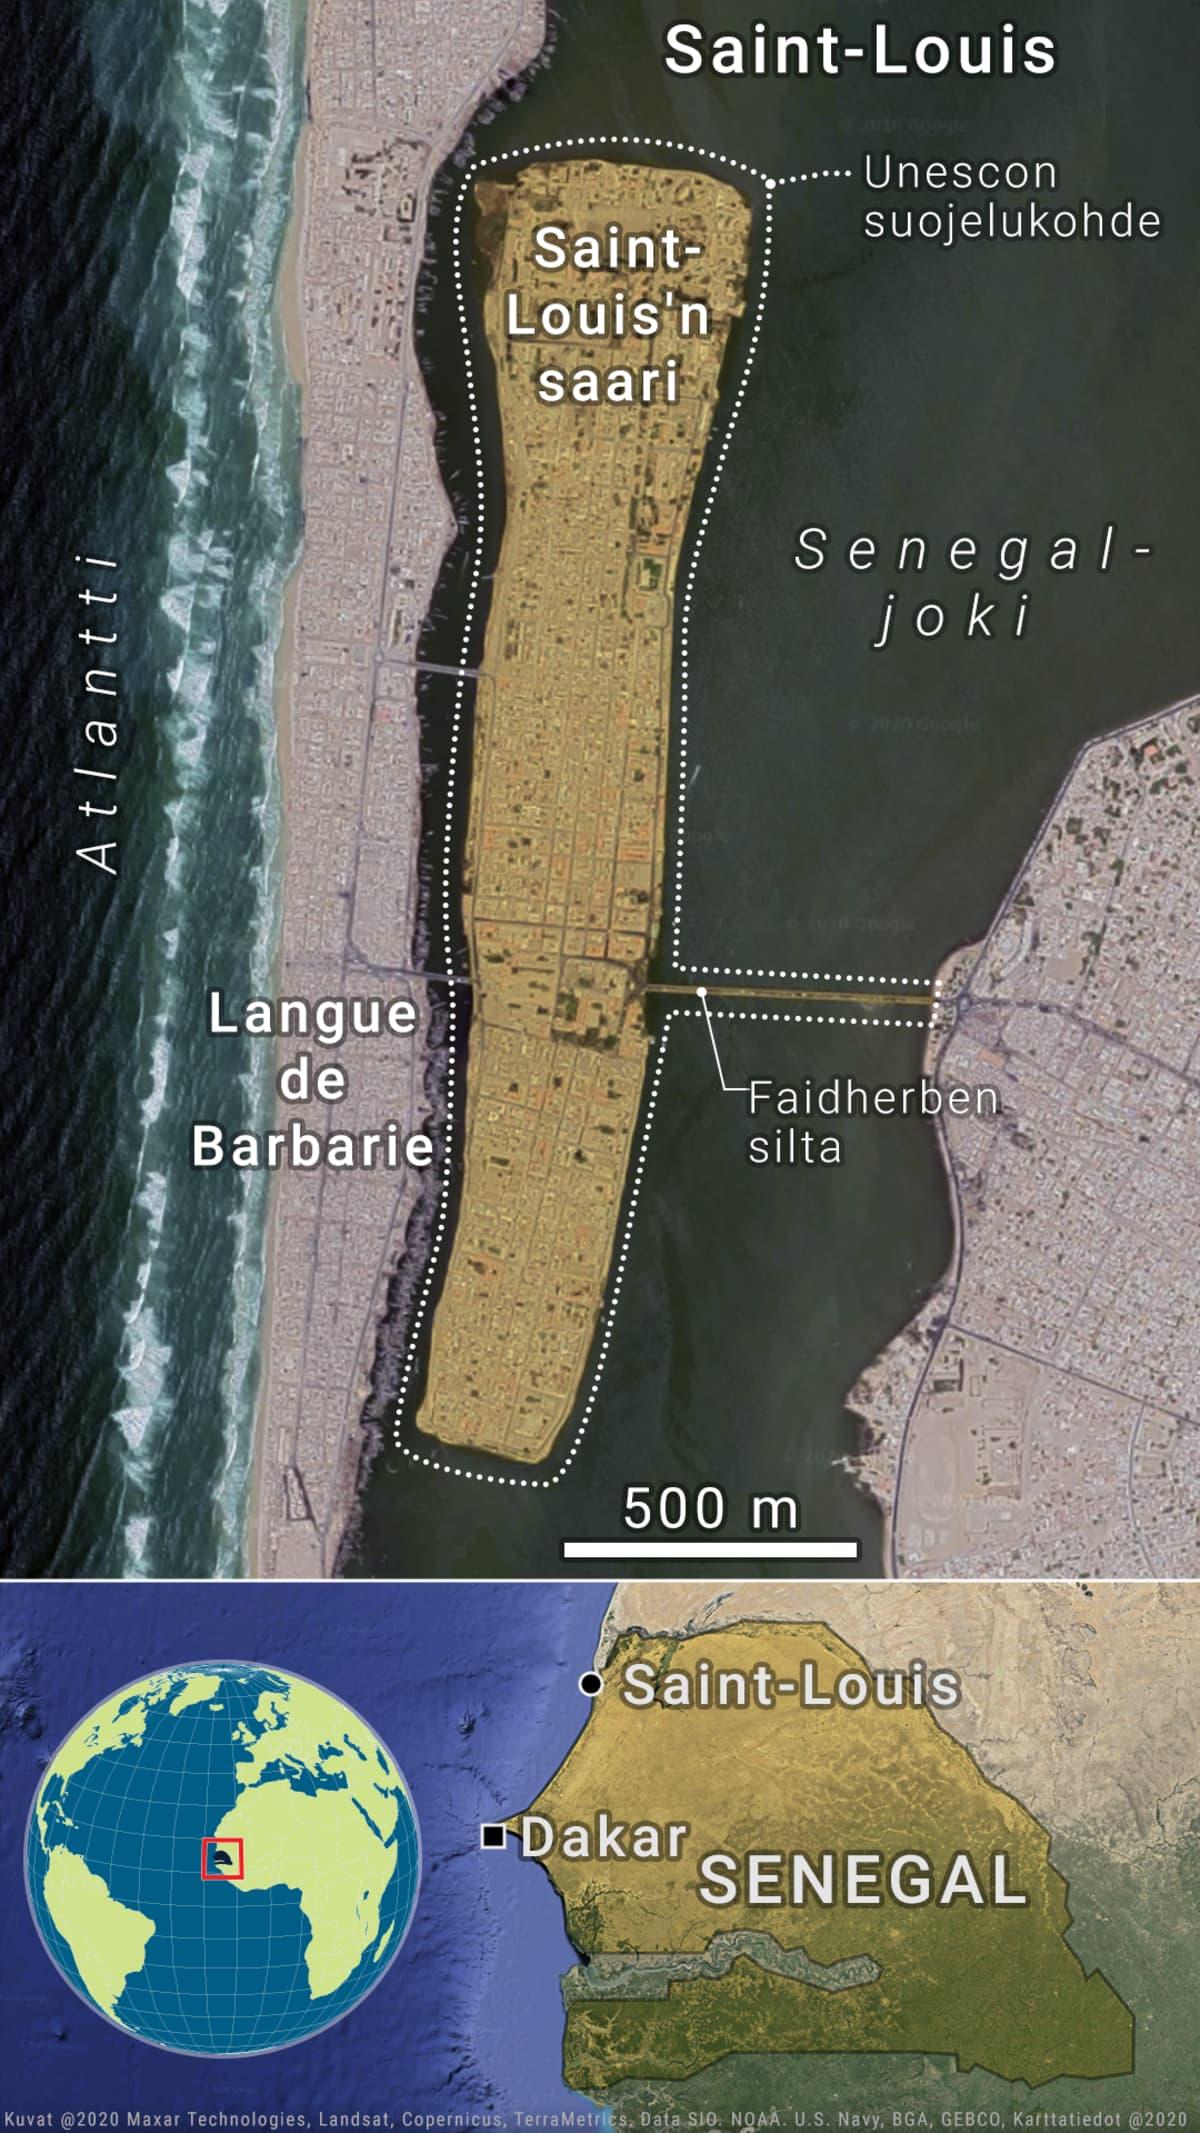 Satelliittikartta Saint-Louis'n sijainnista Senegalissa ja Senegalin sijainnista Afrikan mantereella.